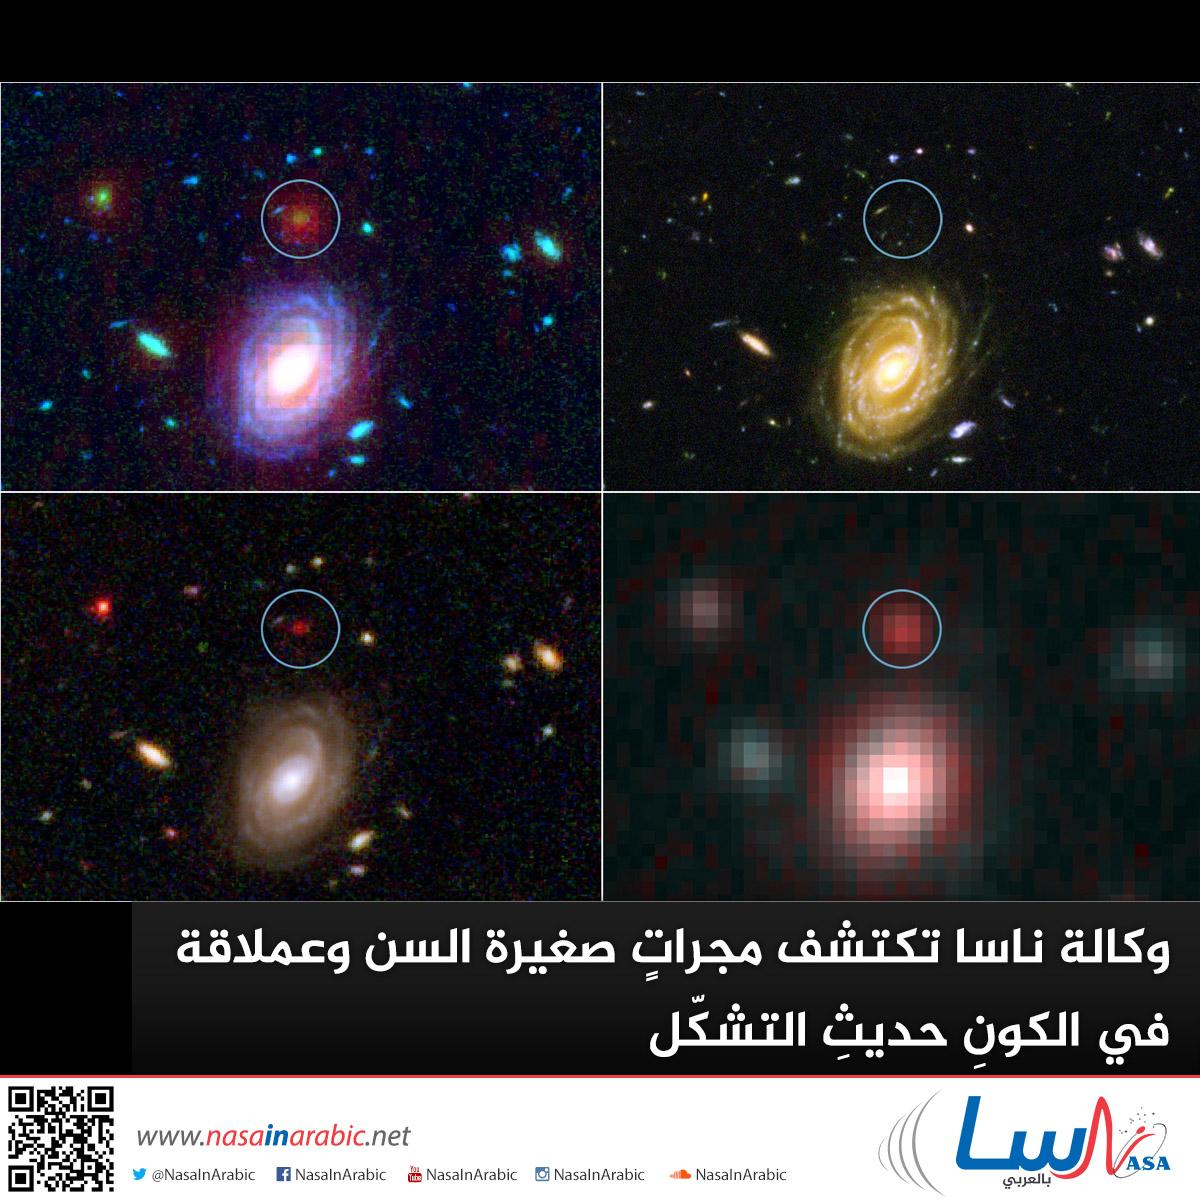 وكالة ناسا تكتشف مجراتٍ صغيرة السن وعملاقة في الكونِ حديثِ التشكّل